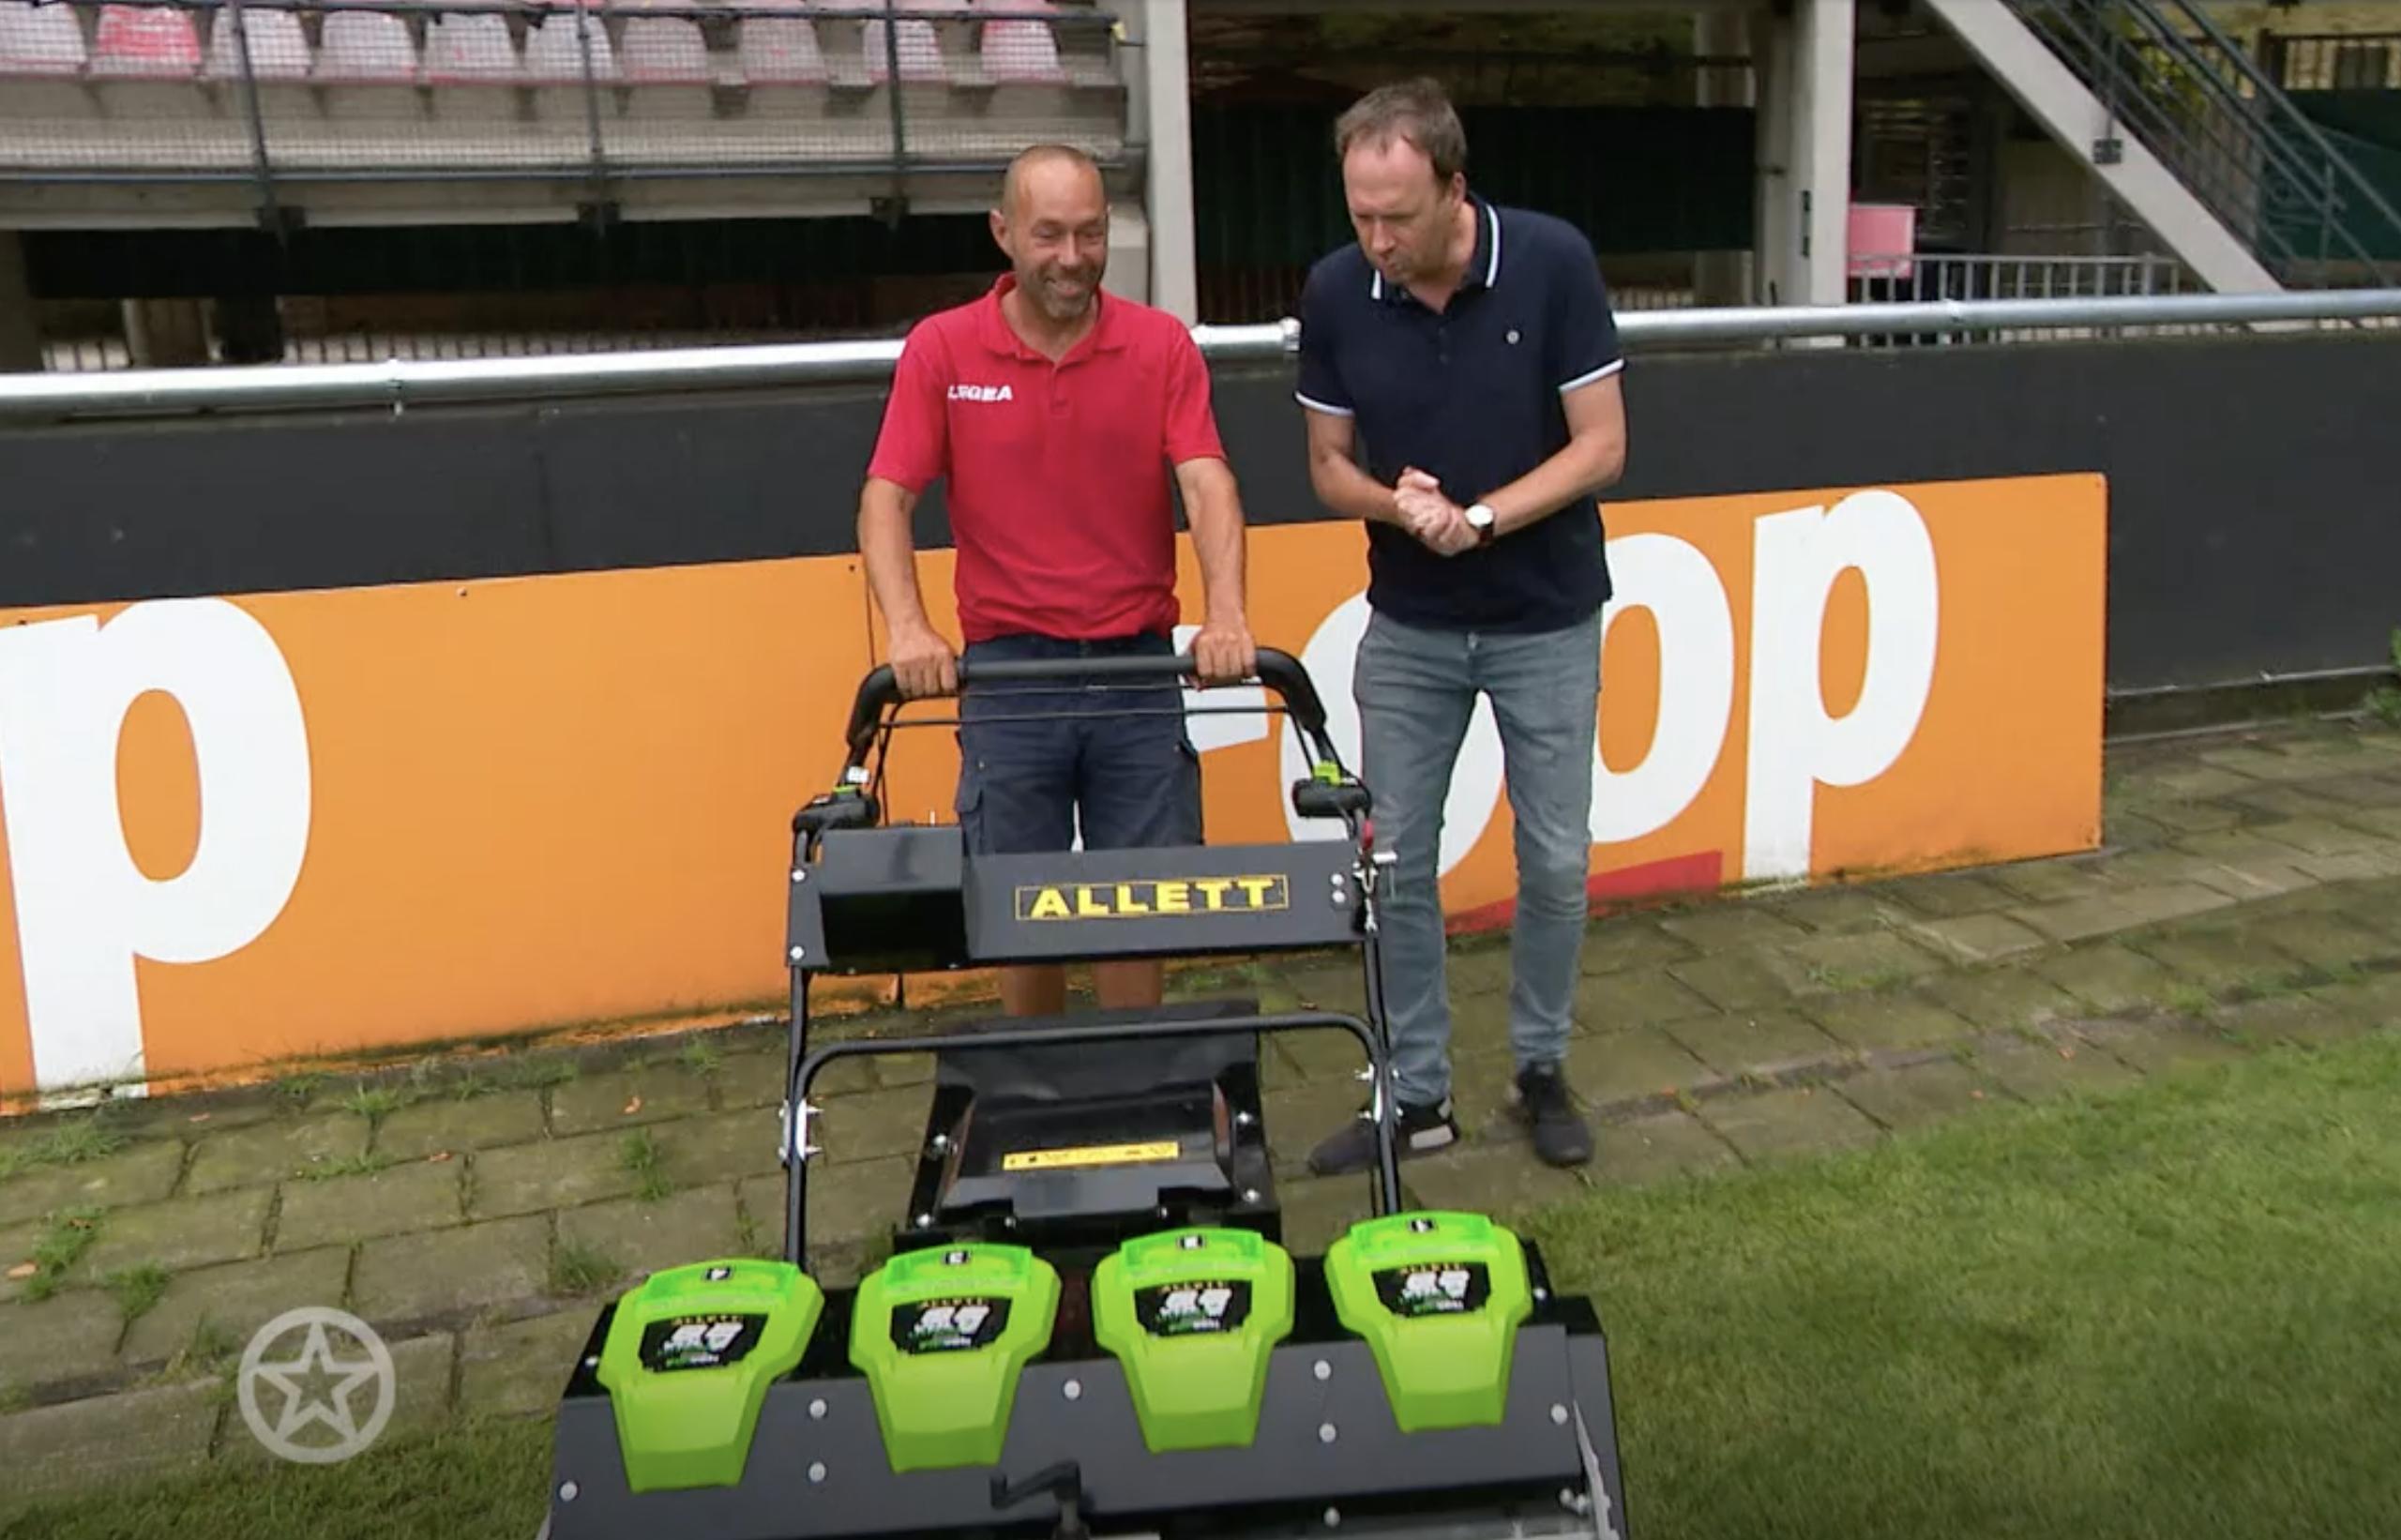 Jochem van Gelder met de grasmeester en de Alett maaimachine bij N.E.C. Nijmegen